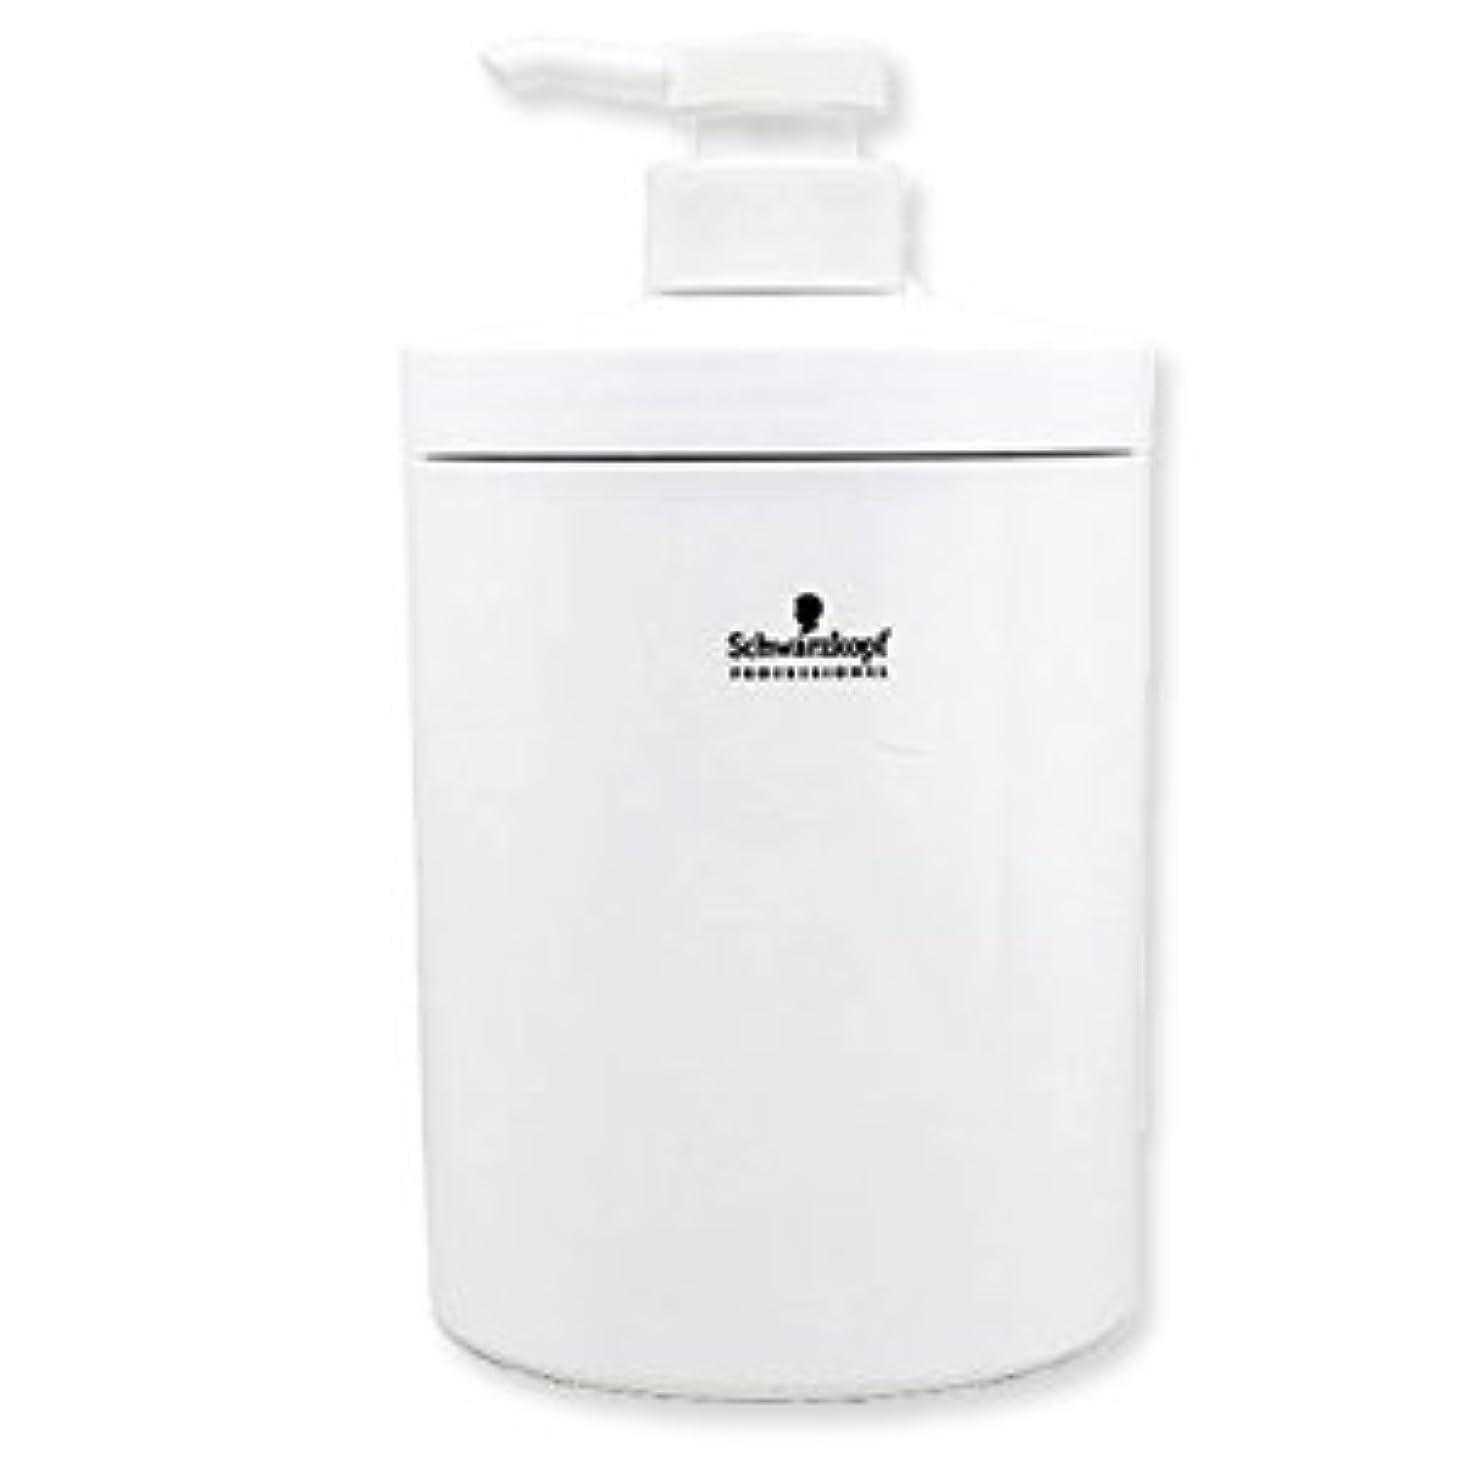 汚染された極地レザーシュワルツコフ エアレスポンプボトル(空容器)